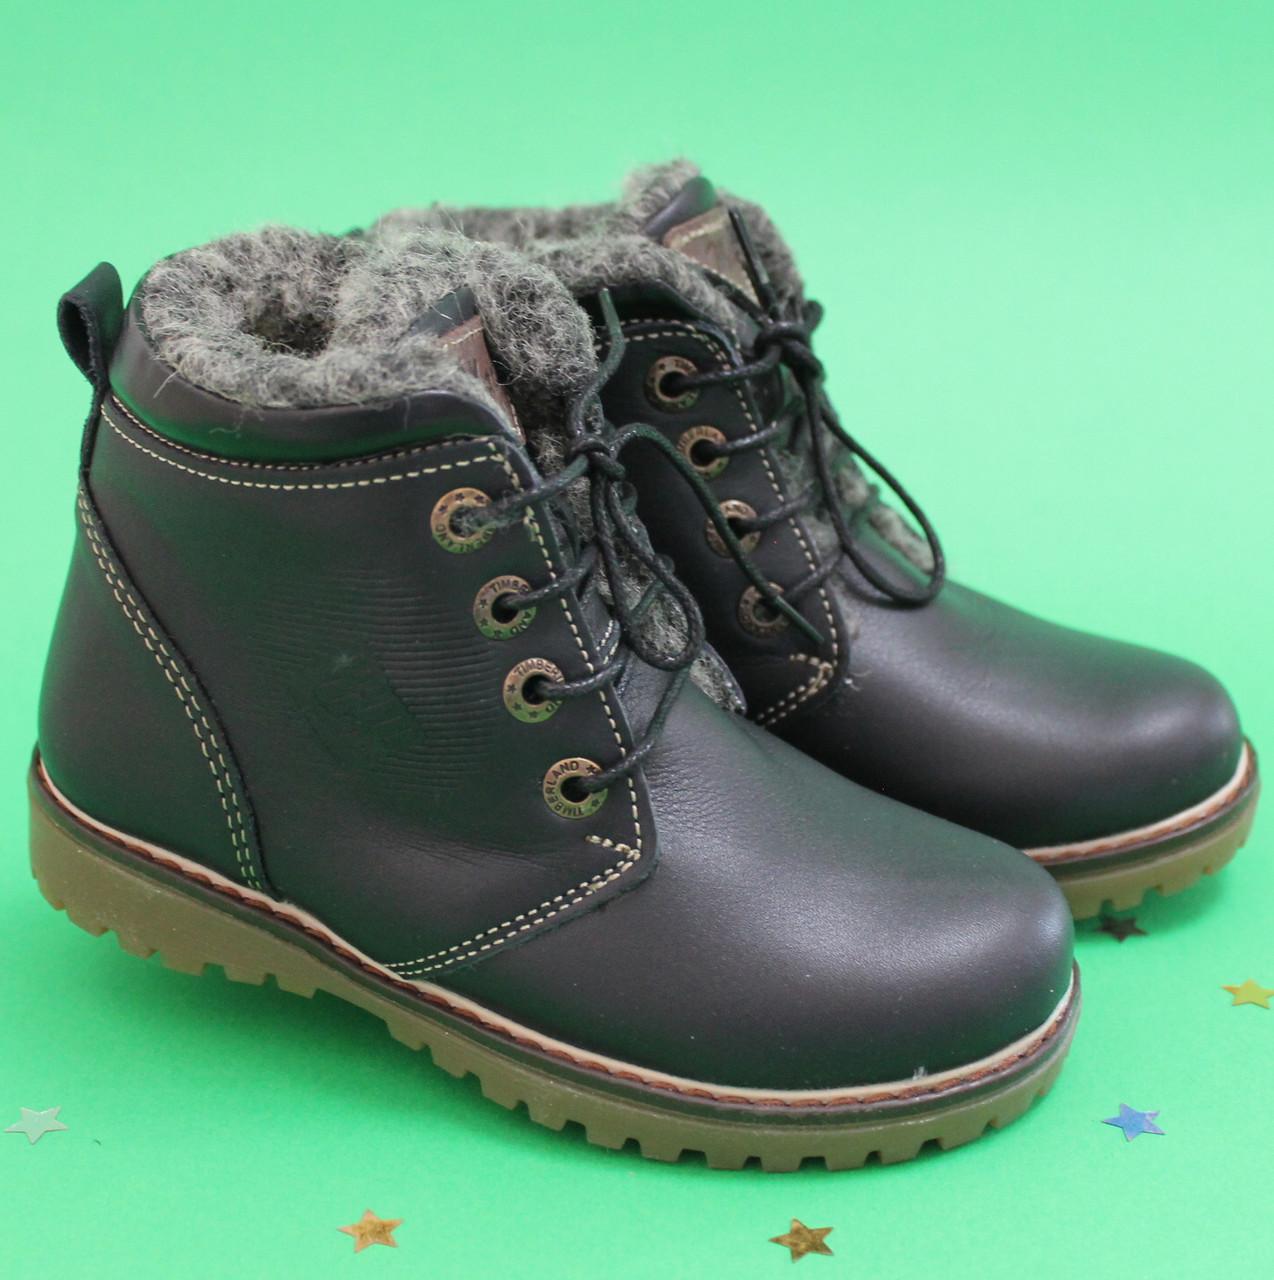 0700d6ba9 Зимние Кожаные Ботинки на Мальчиков Тм Maxus Украина Р.27,28,32 — в ...